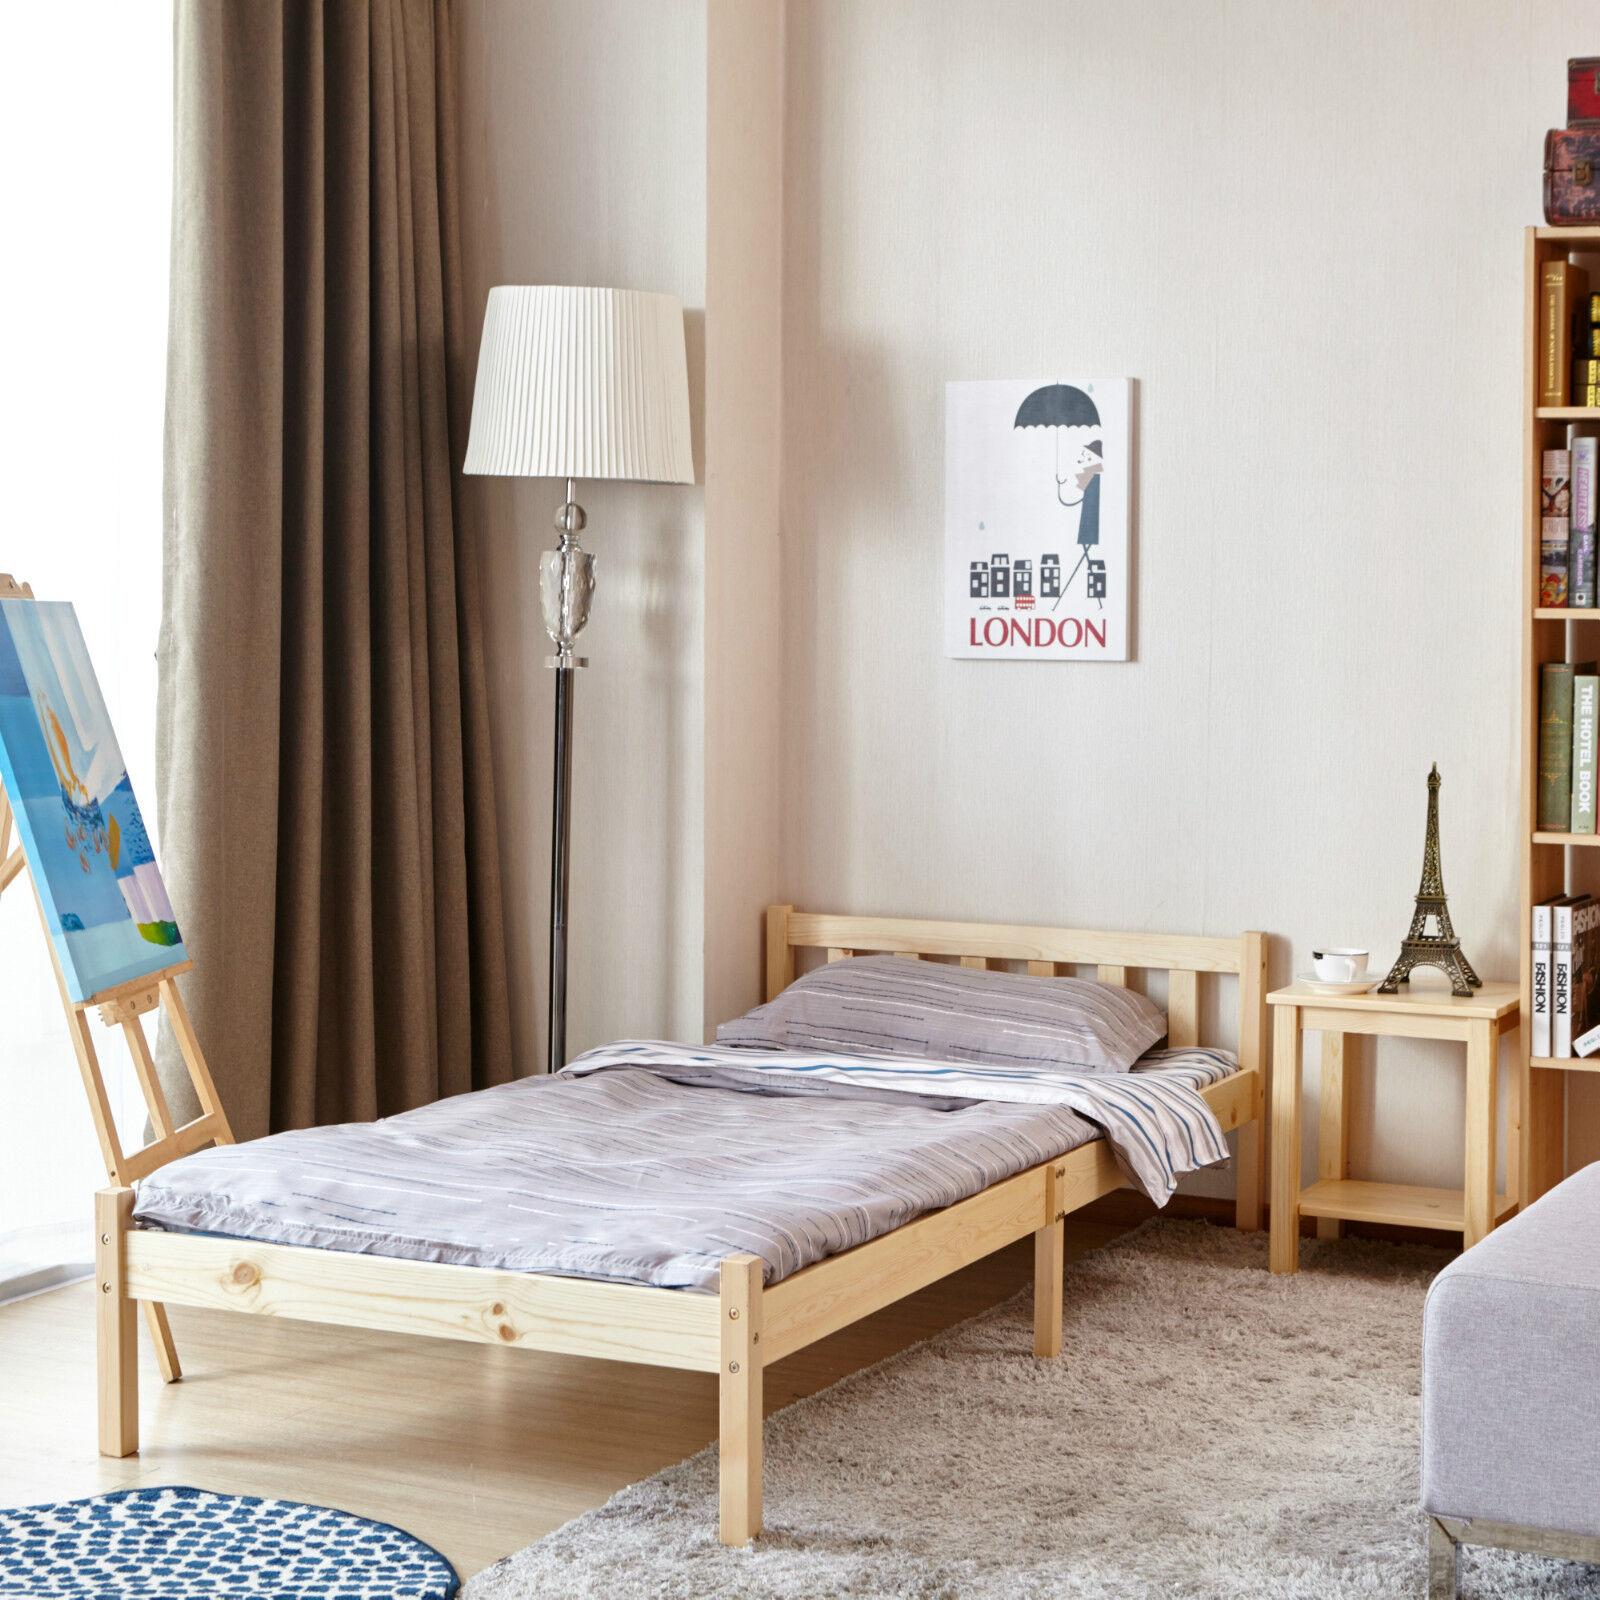 3ft solid pine natural wooden beds single bed frame for. Black Bedroom Furniture Sets. Home Design Ideas